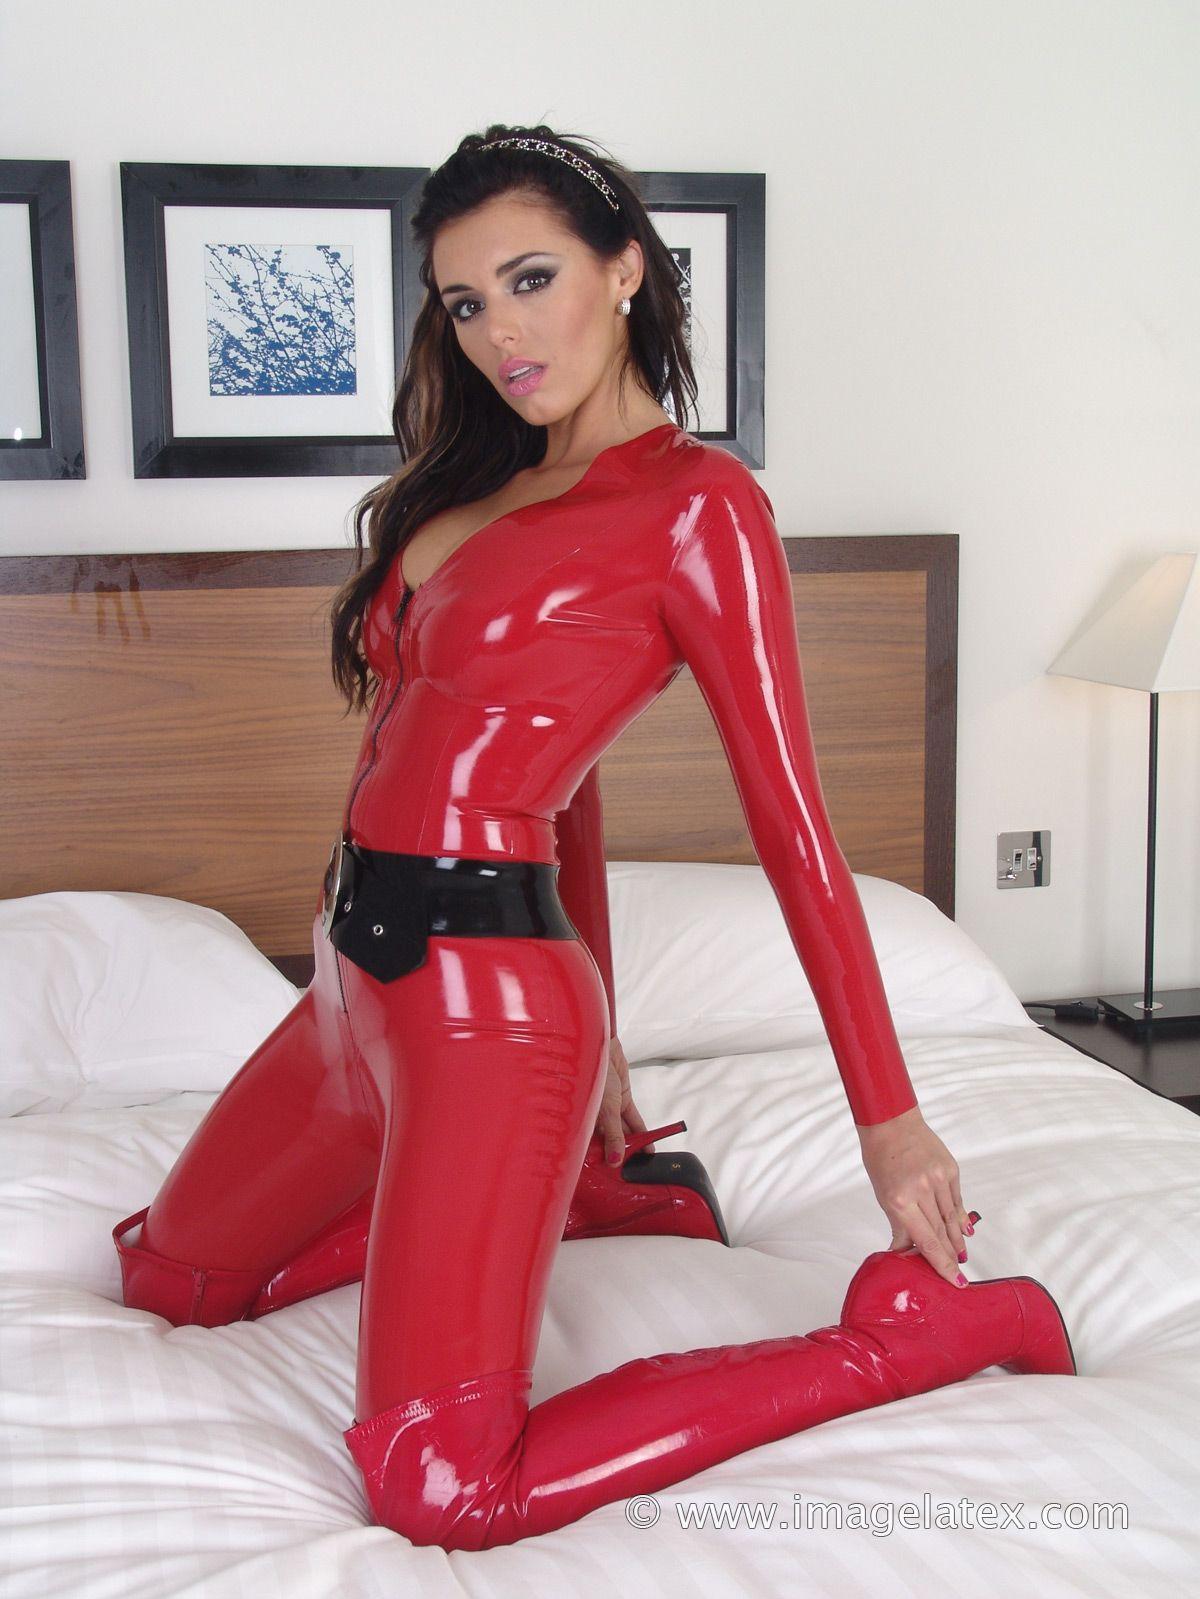 Xxx tasteful hot lingerie